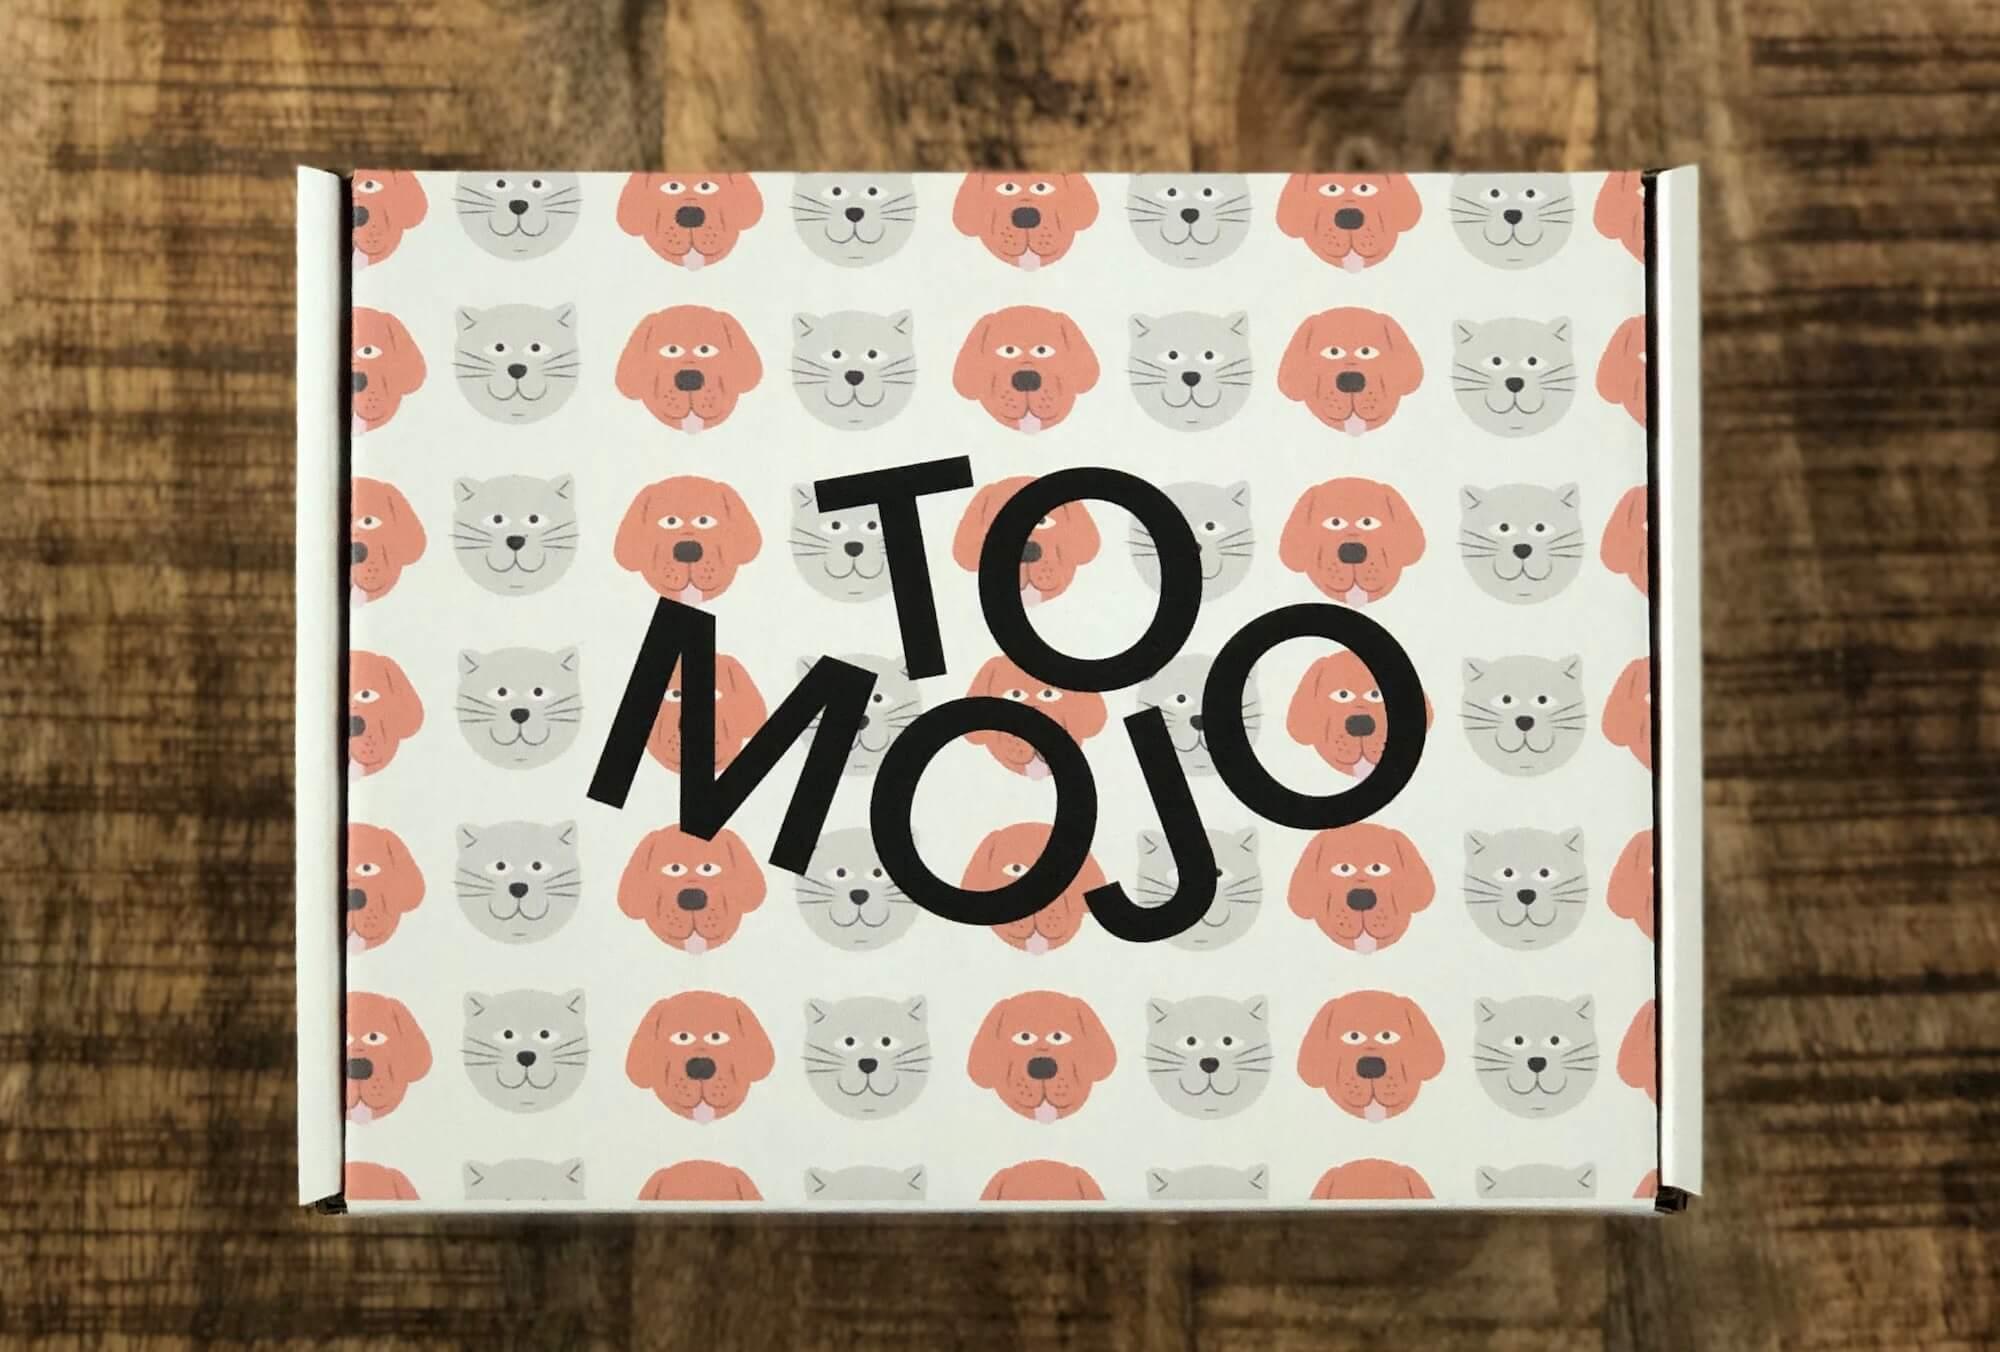 Boîte d'expédition en carton ondulé de Tomojo